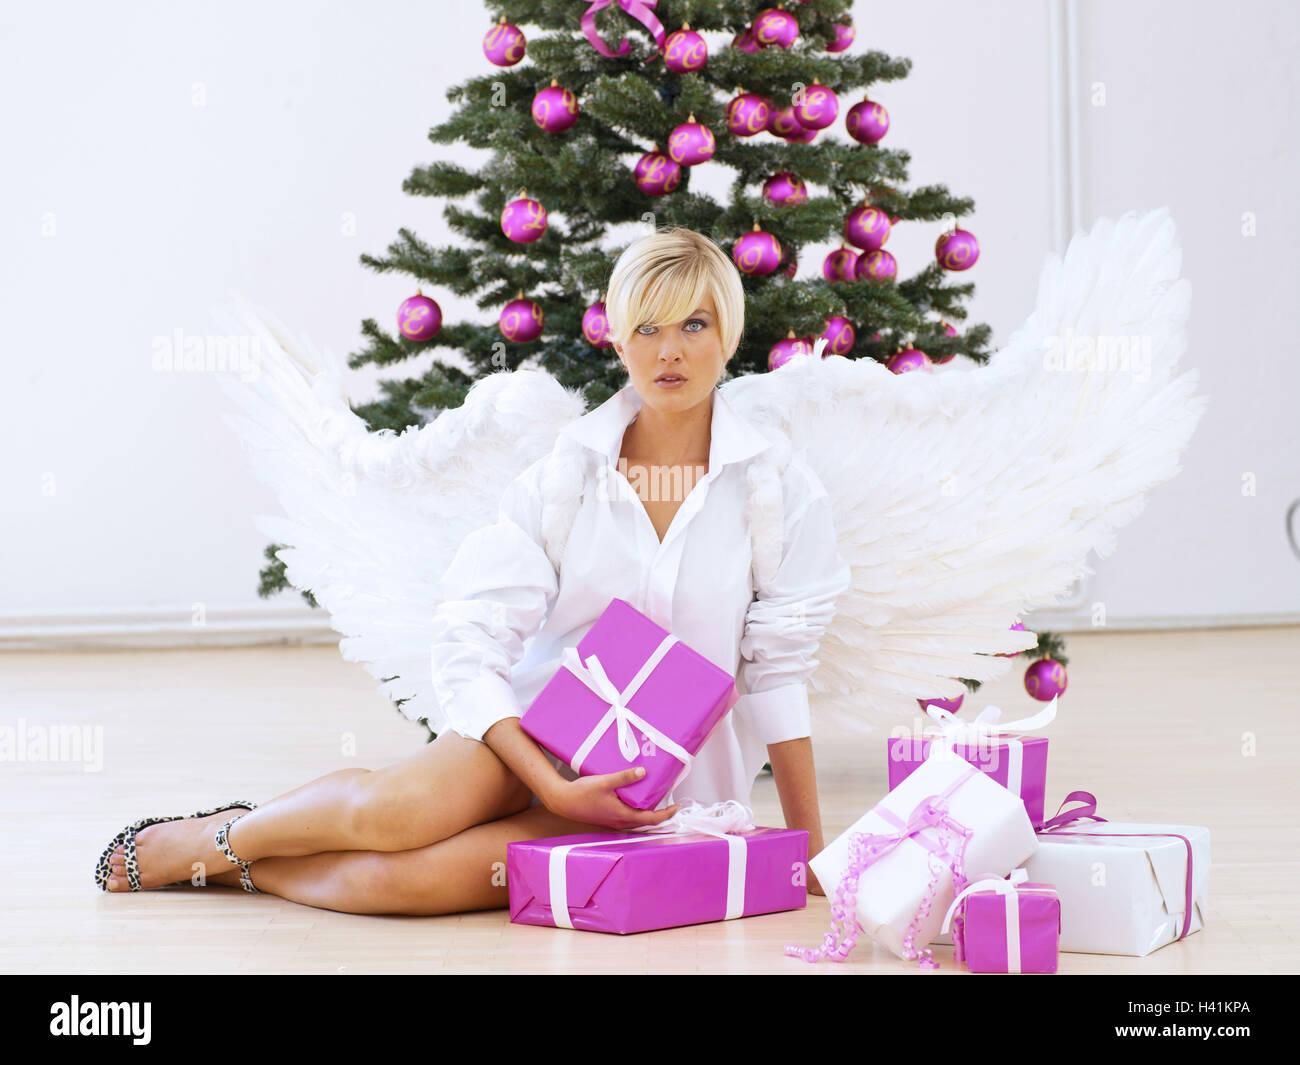 Frau, Engels-Flügel, ernst, Geschenke, Weihnachtsbaum Engel ...